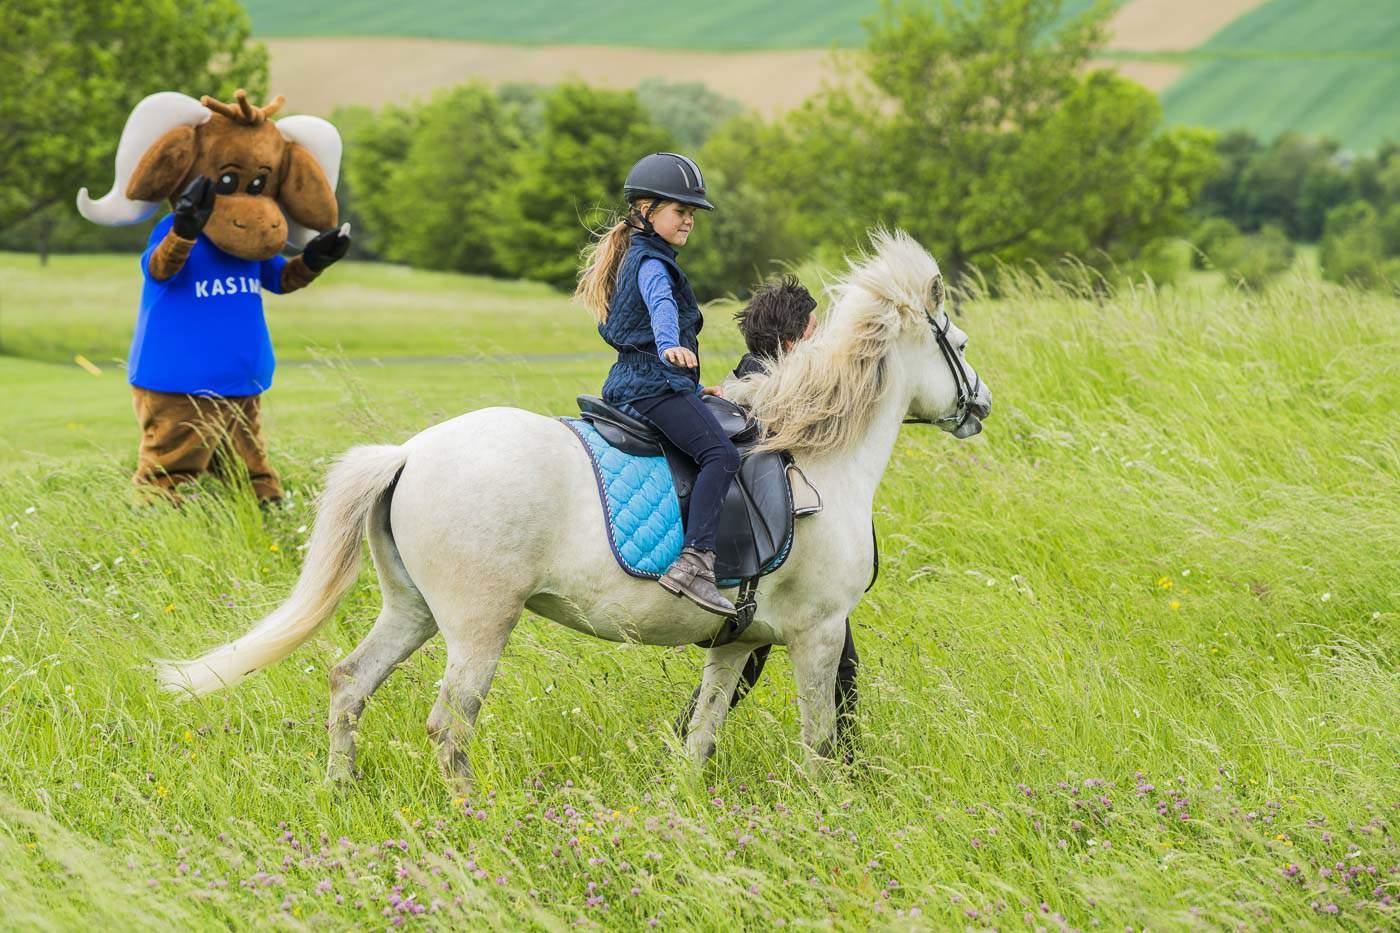 Mädchen reitet auf Pferd mit Maskottchen Kasimir im Hintergrund